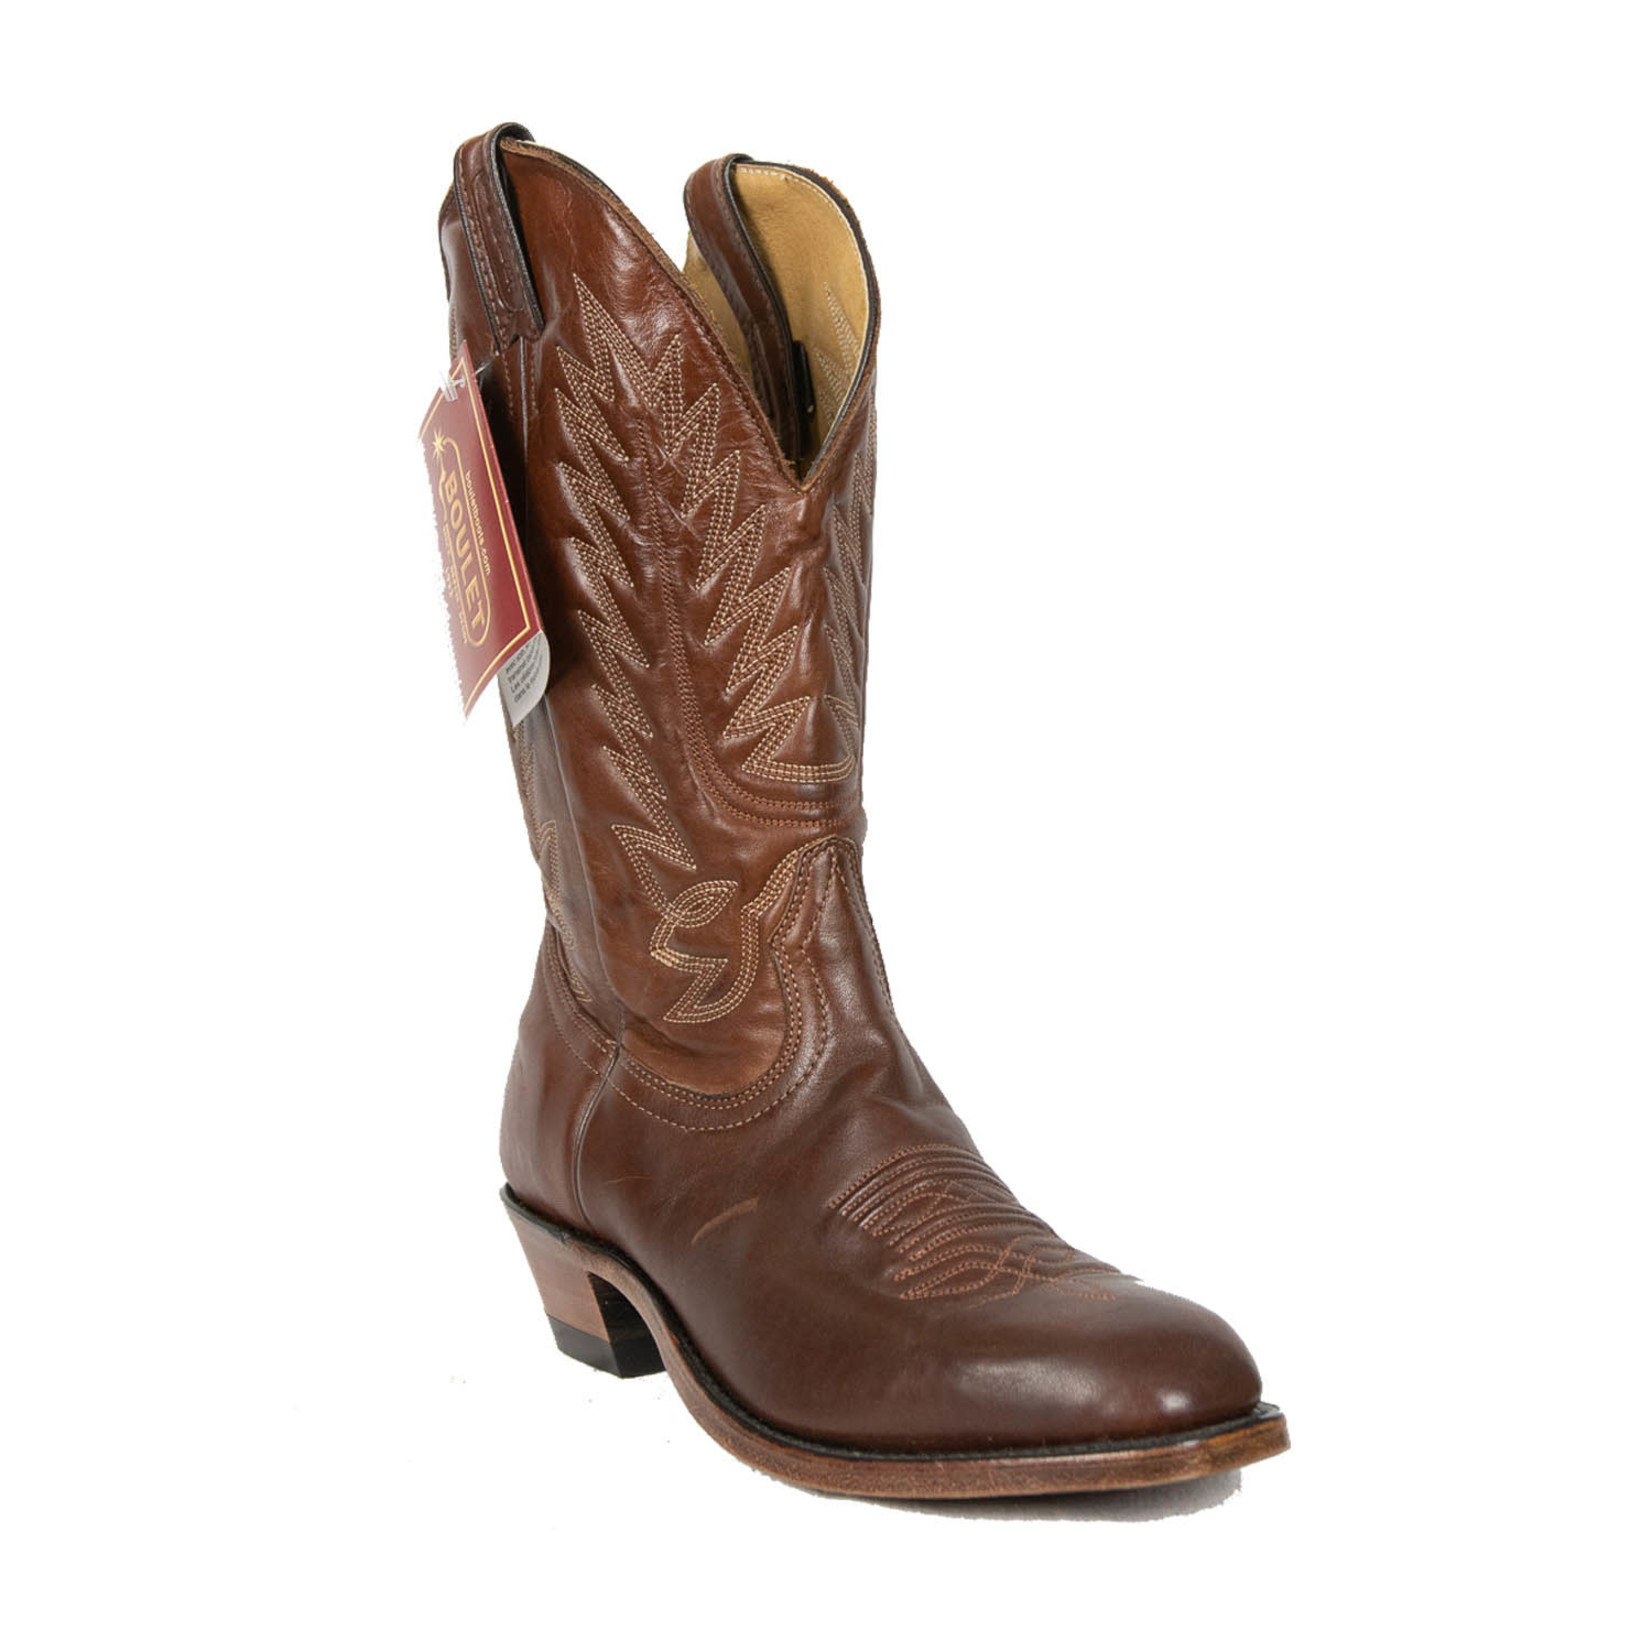 Boulet Boulet Men's Cowboy Boot 8064 3E